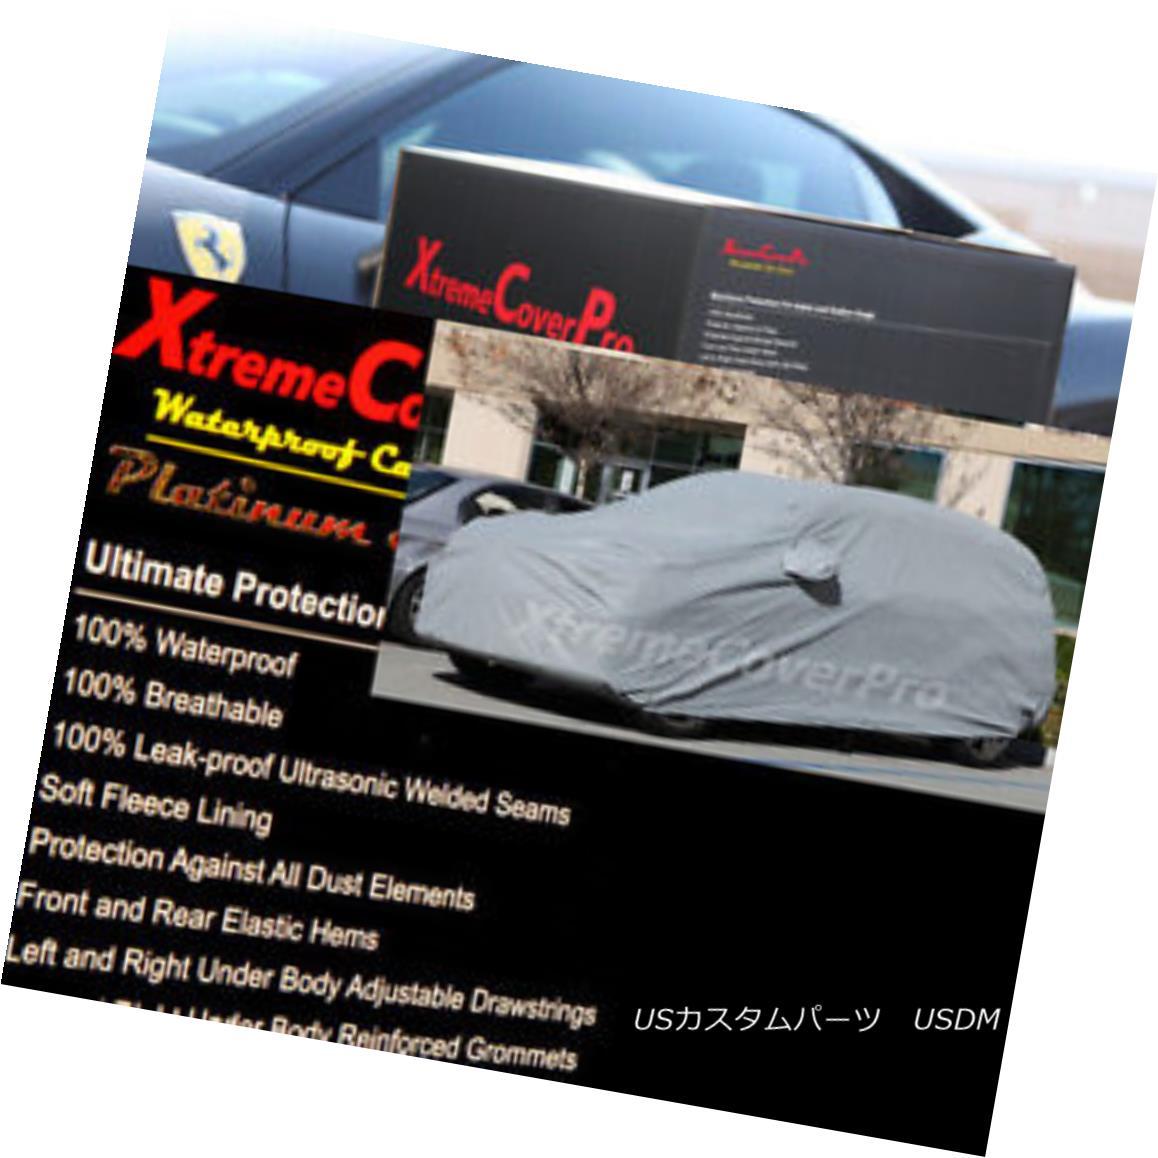 カーカバー 2007 2008 2009 Chrysler Aspen Waterproof Car Cover w/MirrorPocket 2007年2008年クライスラーアスペン防水カーカバー付きMirrorPocket